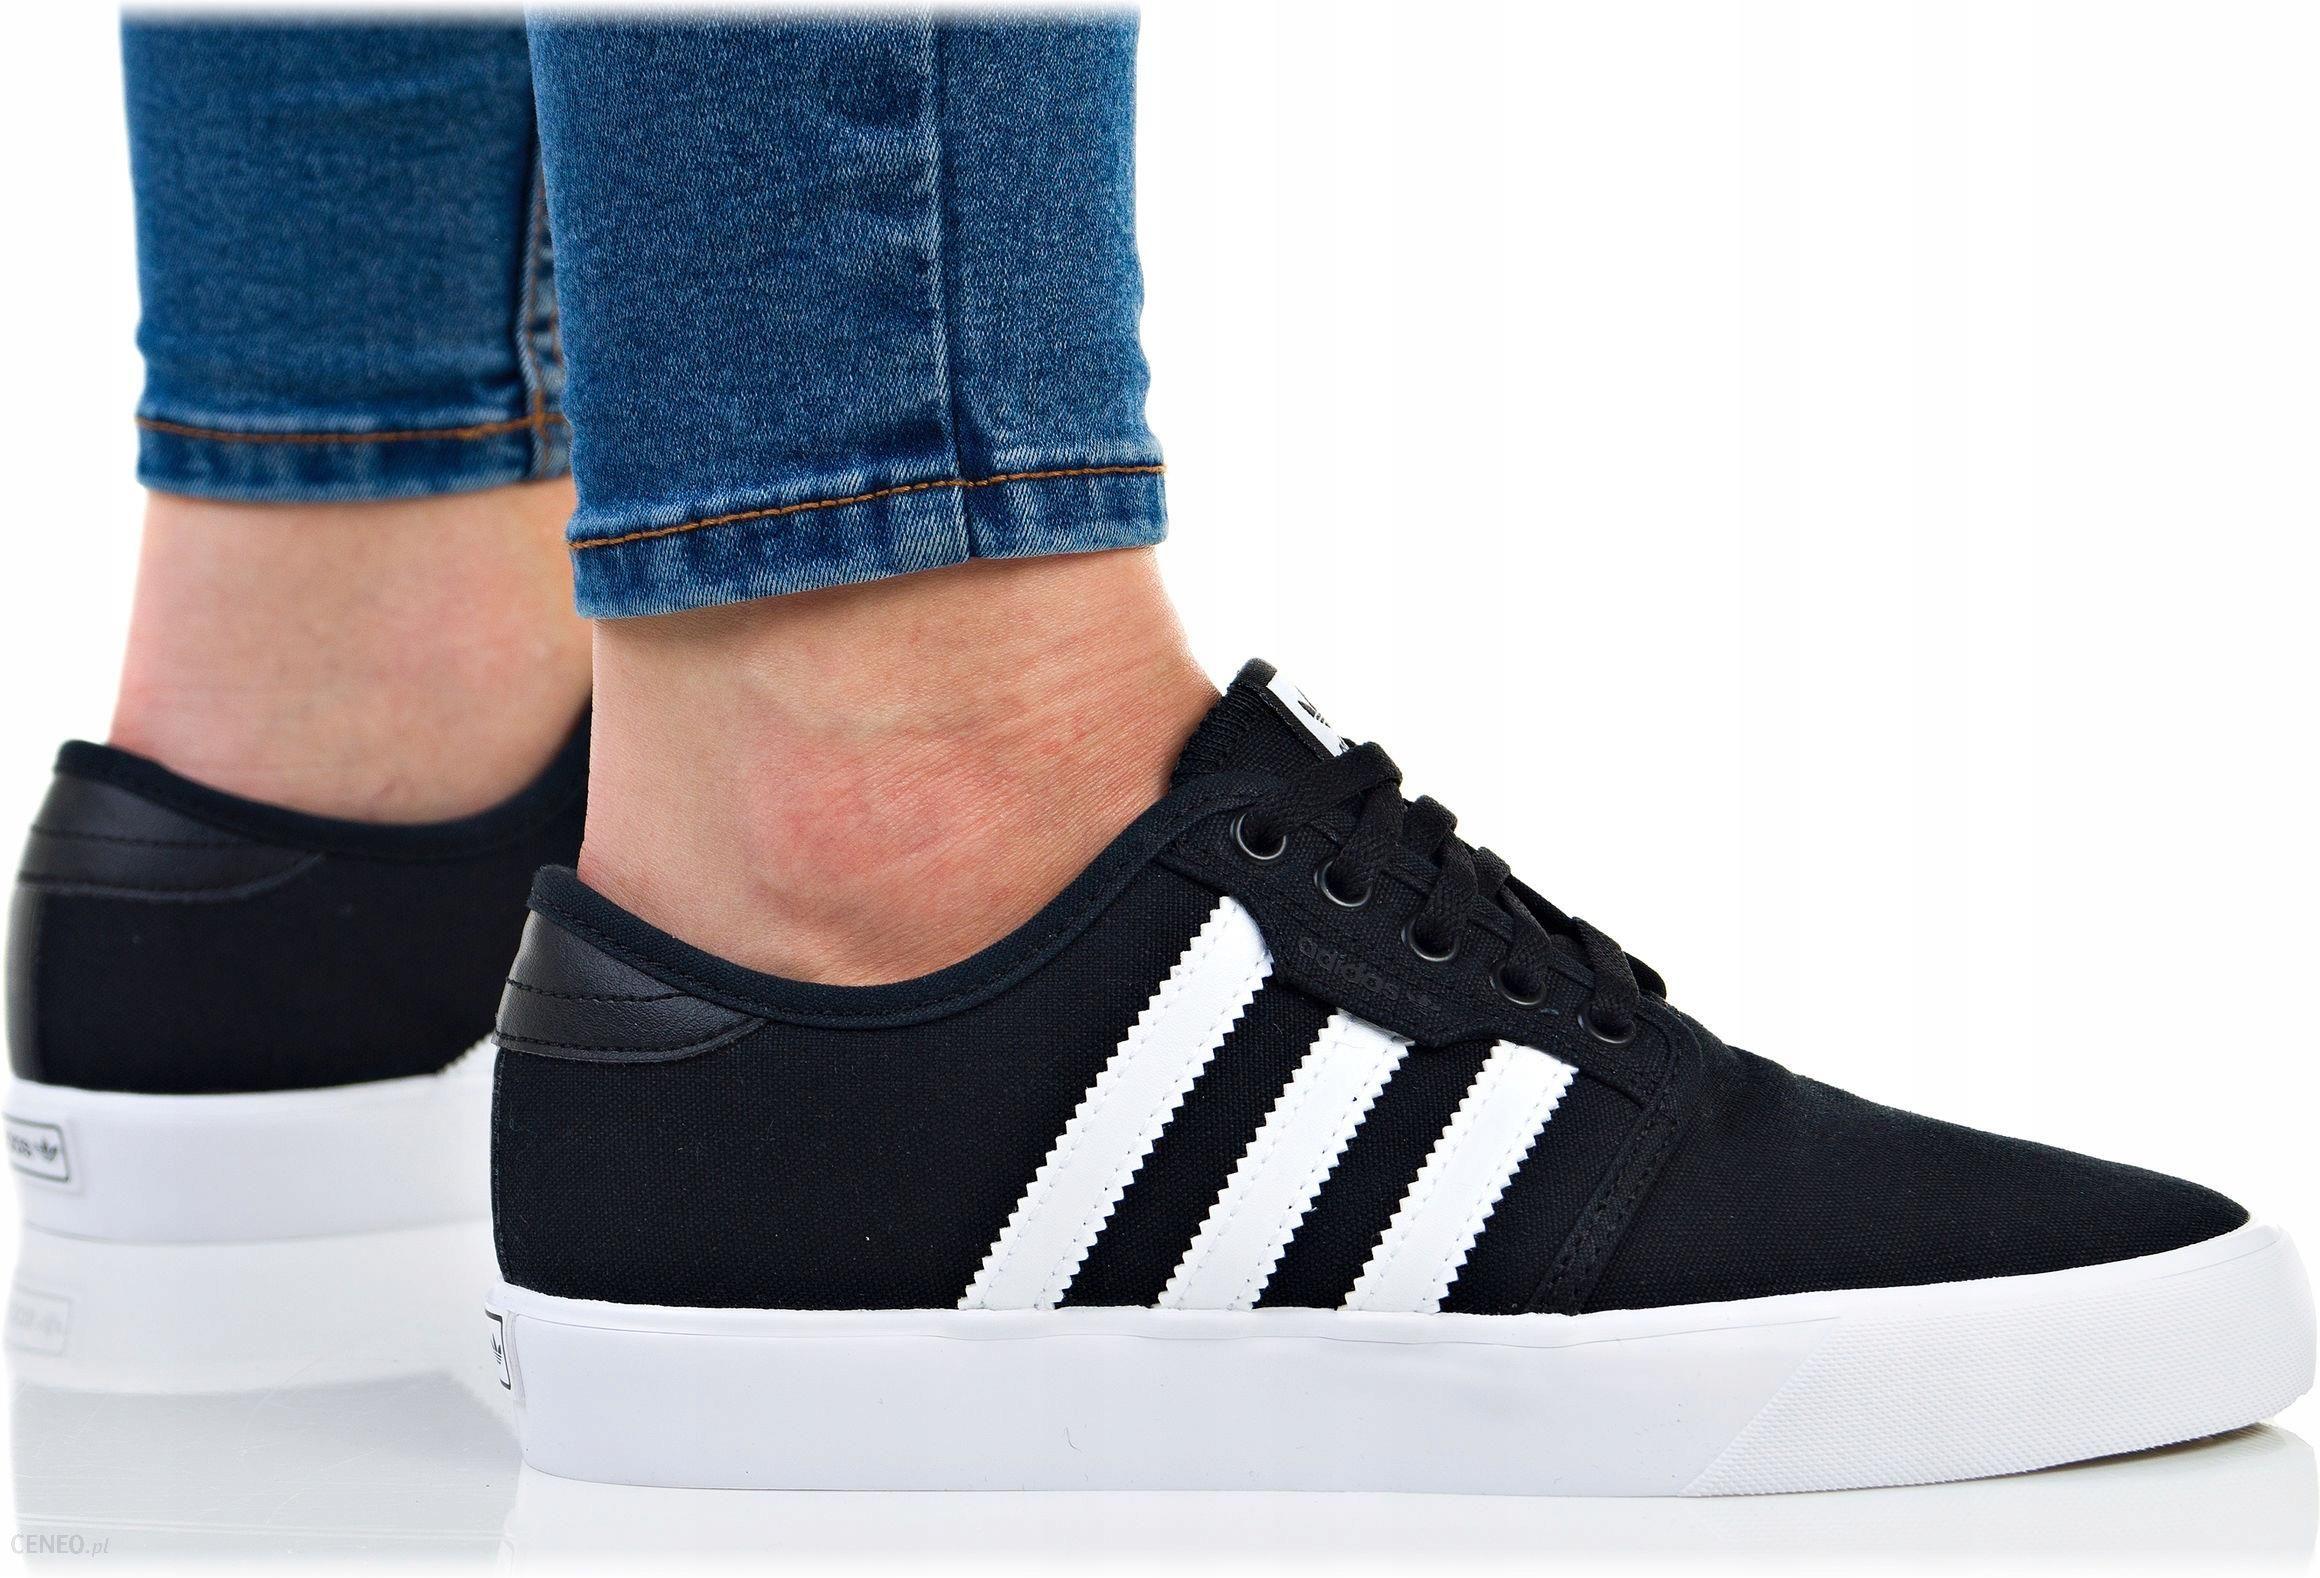 Buty Adidas Damskie Seeley J BY3838 Trampki Czarne Ceny i opinie Ceneo.pl